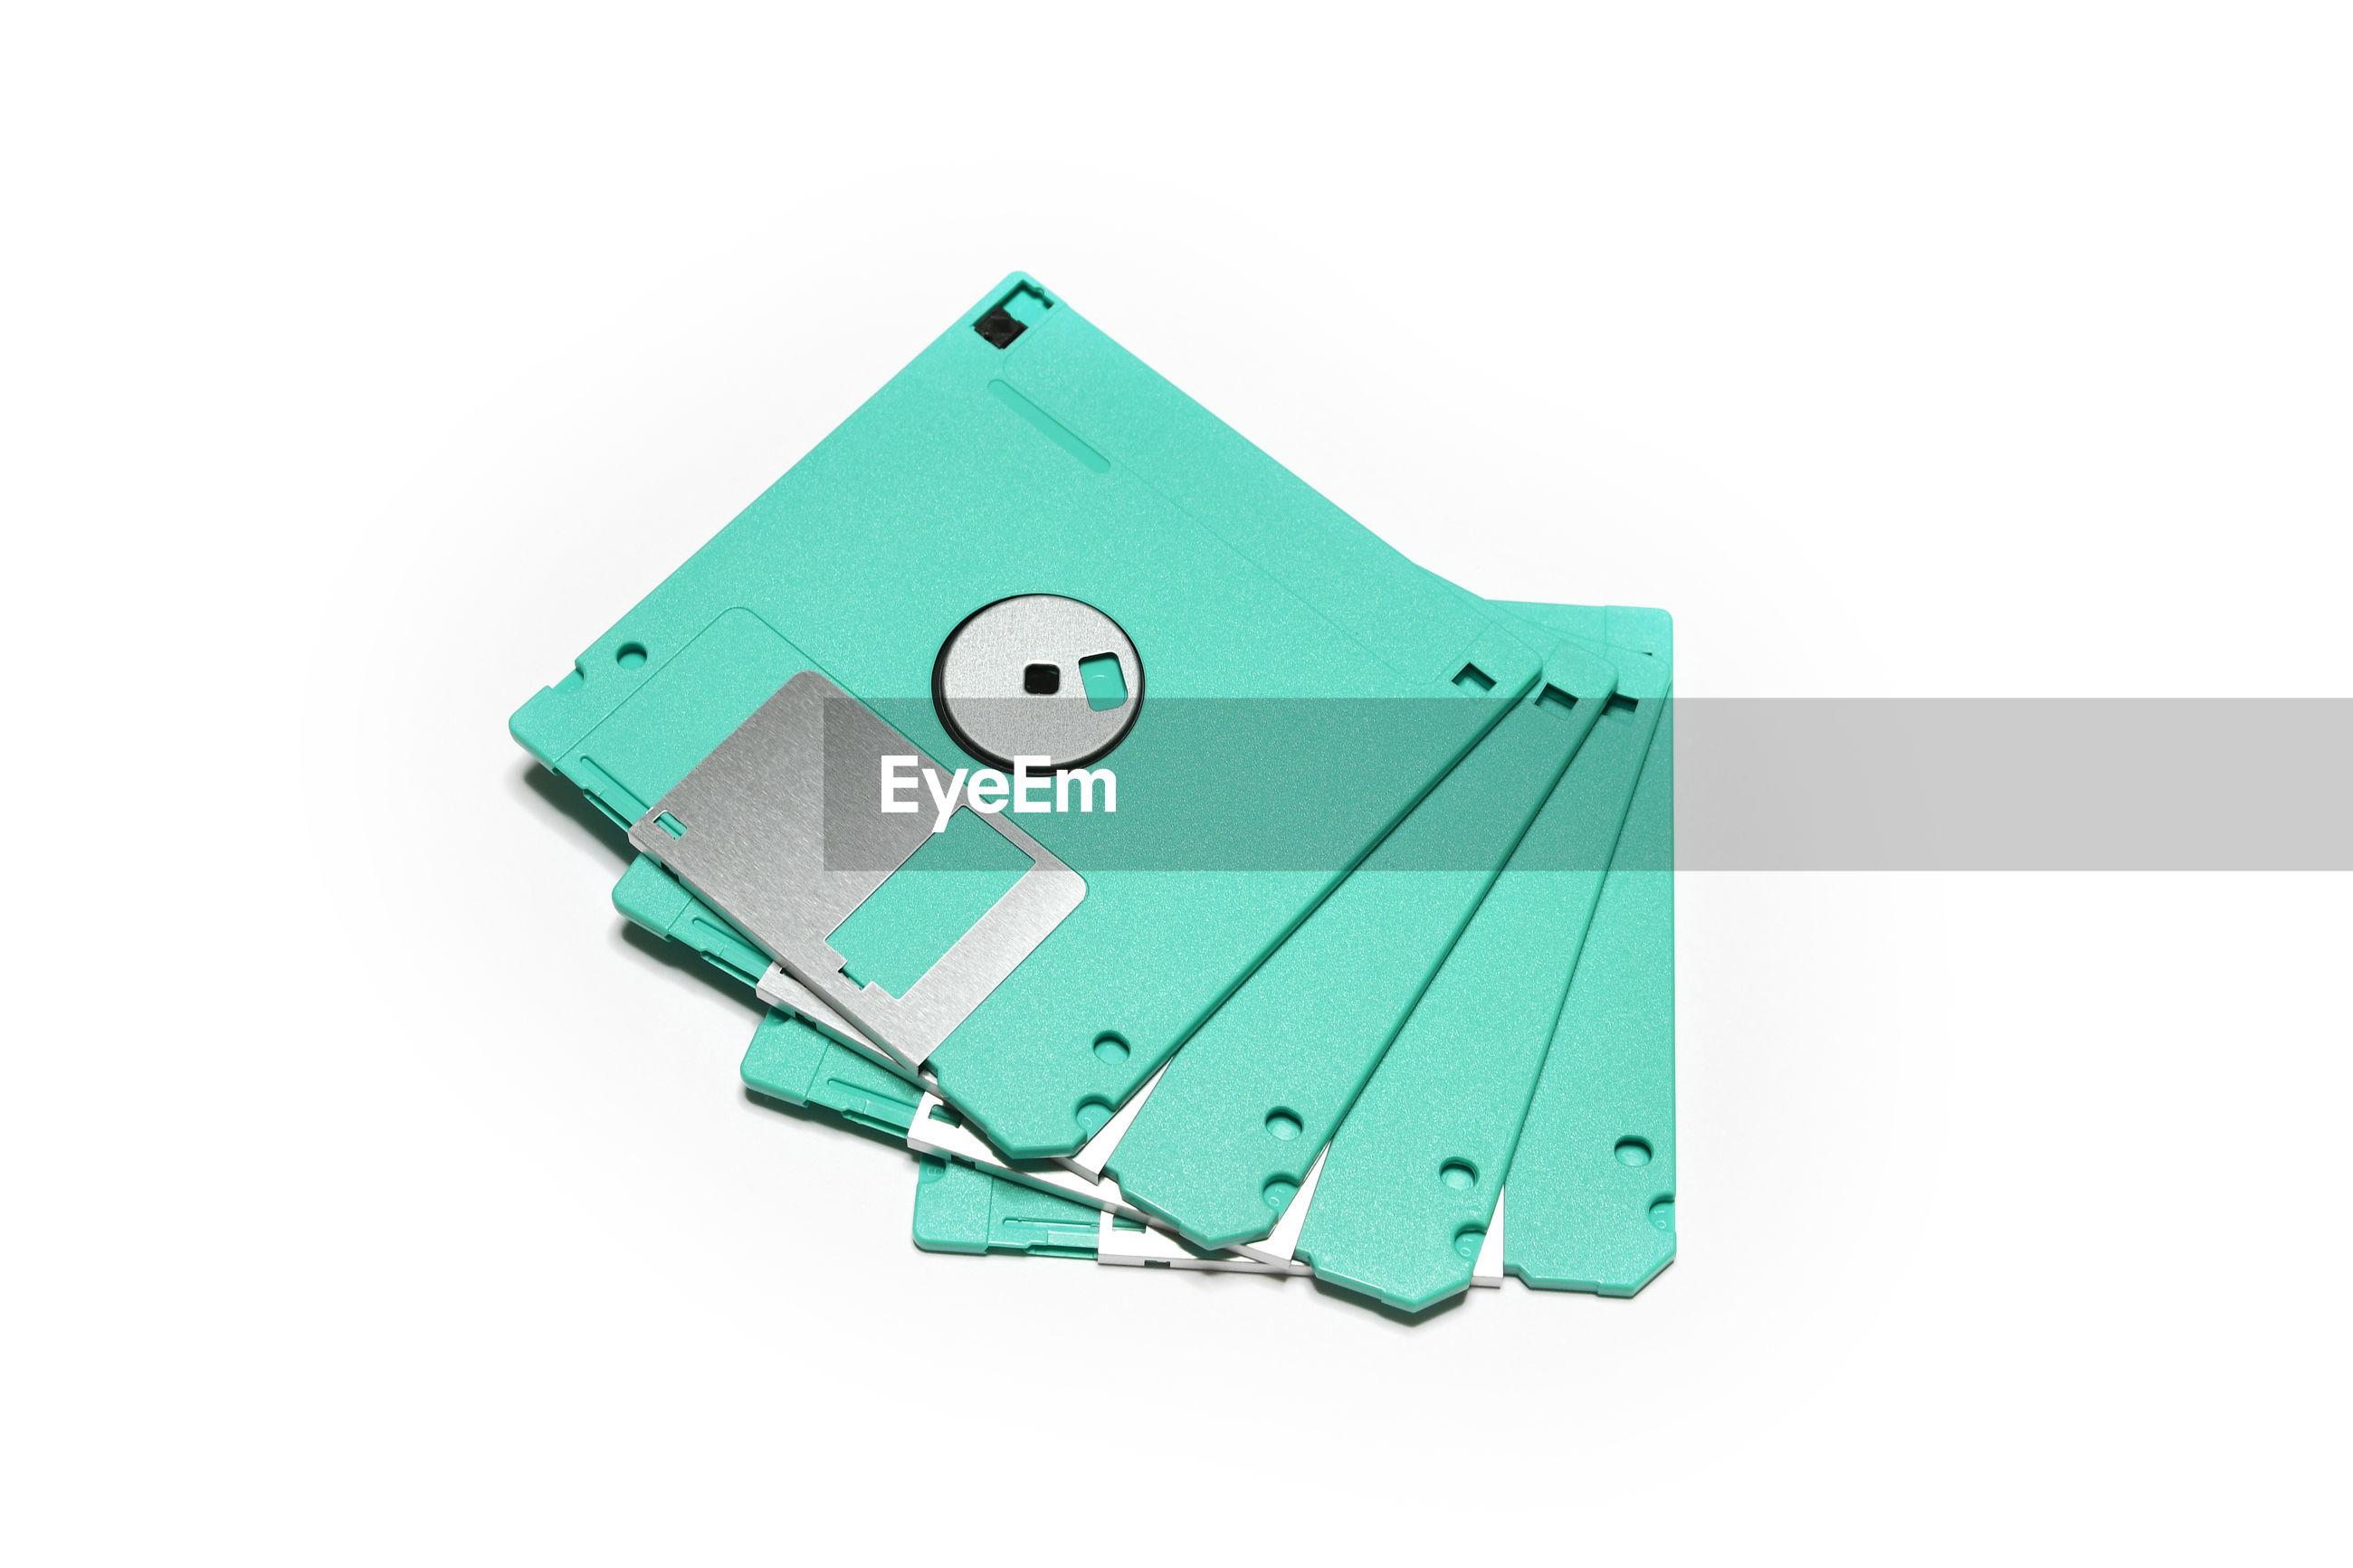 Floppy disks against white background